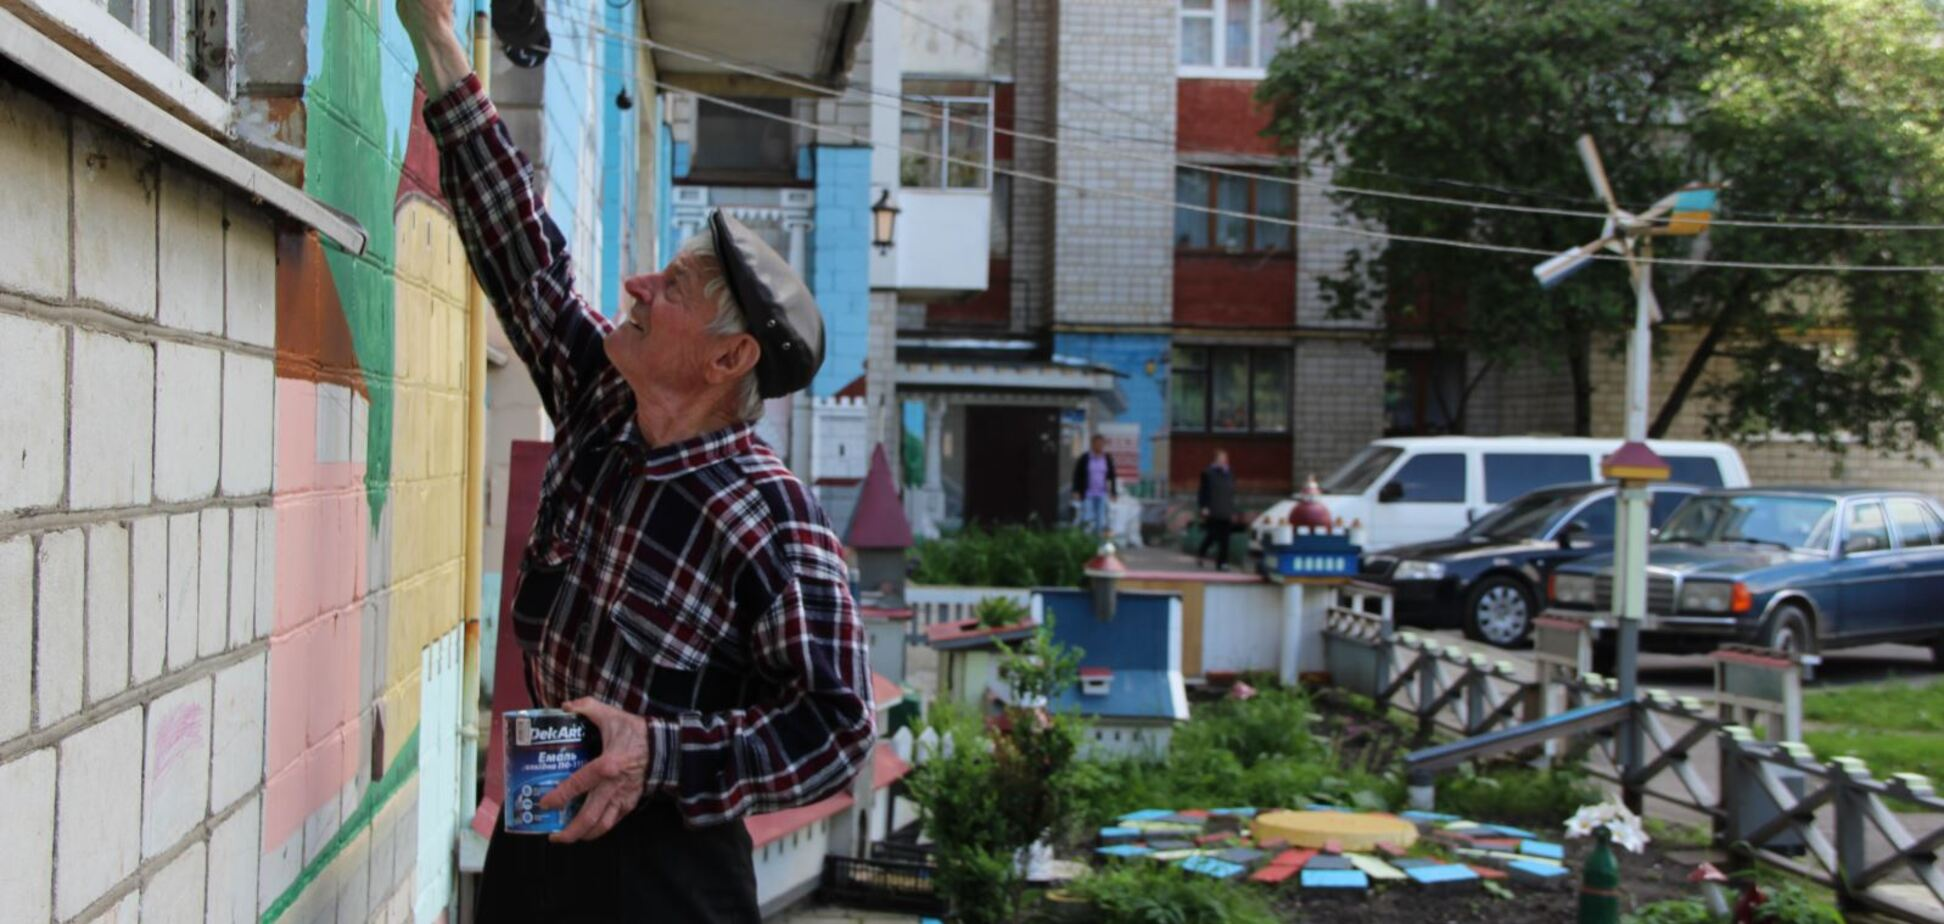 Пенсіонер відтворив древній Львів у дворі будинку